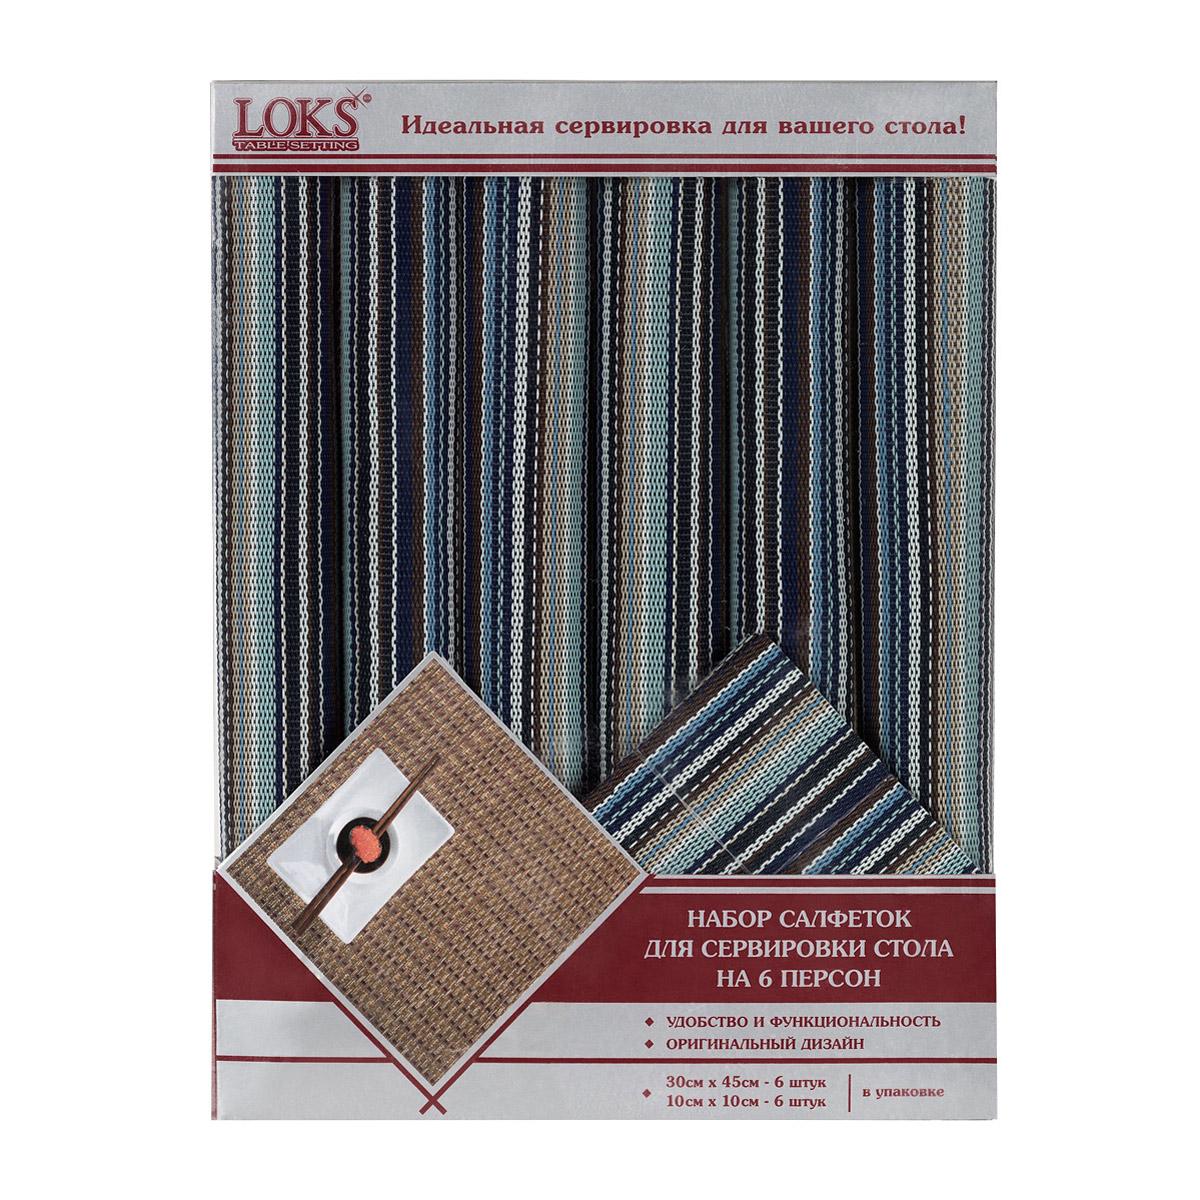 Набор виниловых салфеток для кухни LOKS, цвет: голубой, 12 шт. P400-103P400-103 - голубойНабор салфеток для кухни предназначен для ежедневной сервировки стола. Изделия обладают высокой износоустойчивостью и предназначены для многократного использования. Салфетки предохраняют поверхность стола от царапин. Легко моются в теплой воде с мягкими чистящими средствами. Оригинальный дизайн салфеток отлично впишется в любой интерьер.Меры предосторожности:Не стирать в стиральной машинеНе дезинфицировать в микроволновой печи Характеристики: Материал: поливинилхлорид, полиэстер. Цвет: голубой. Размер салфеток: 30 см х 45 см 0,1 см. Размер подставок для стаканов: 10 см х 10 см х 0,1 см. Размер упаковки: 30,5 см х 23 см х 4 см.